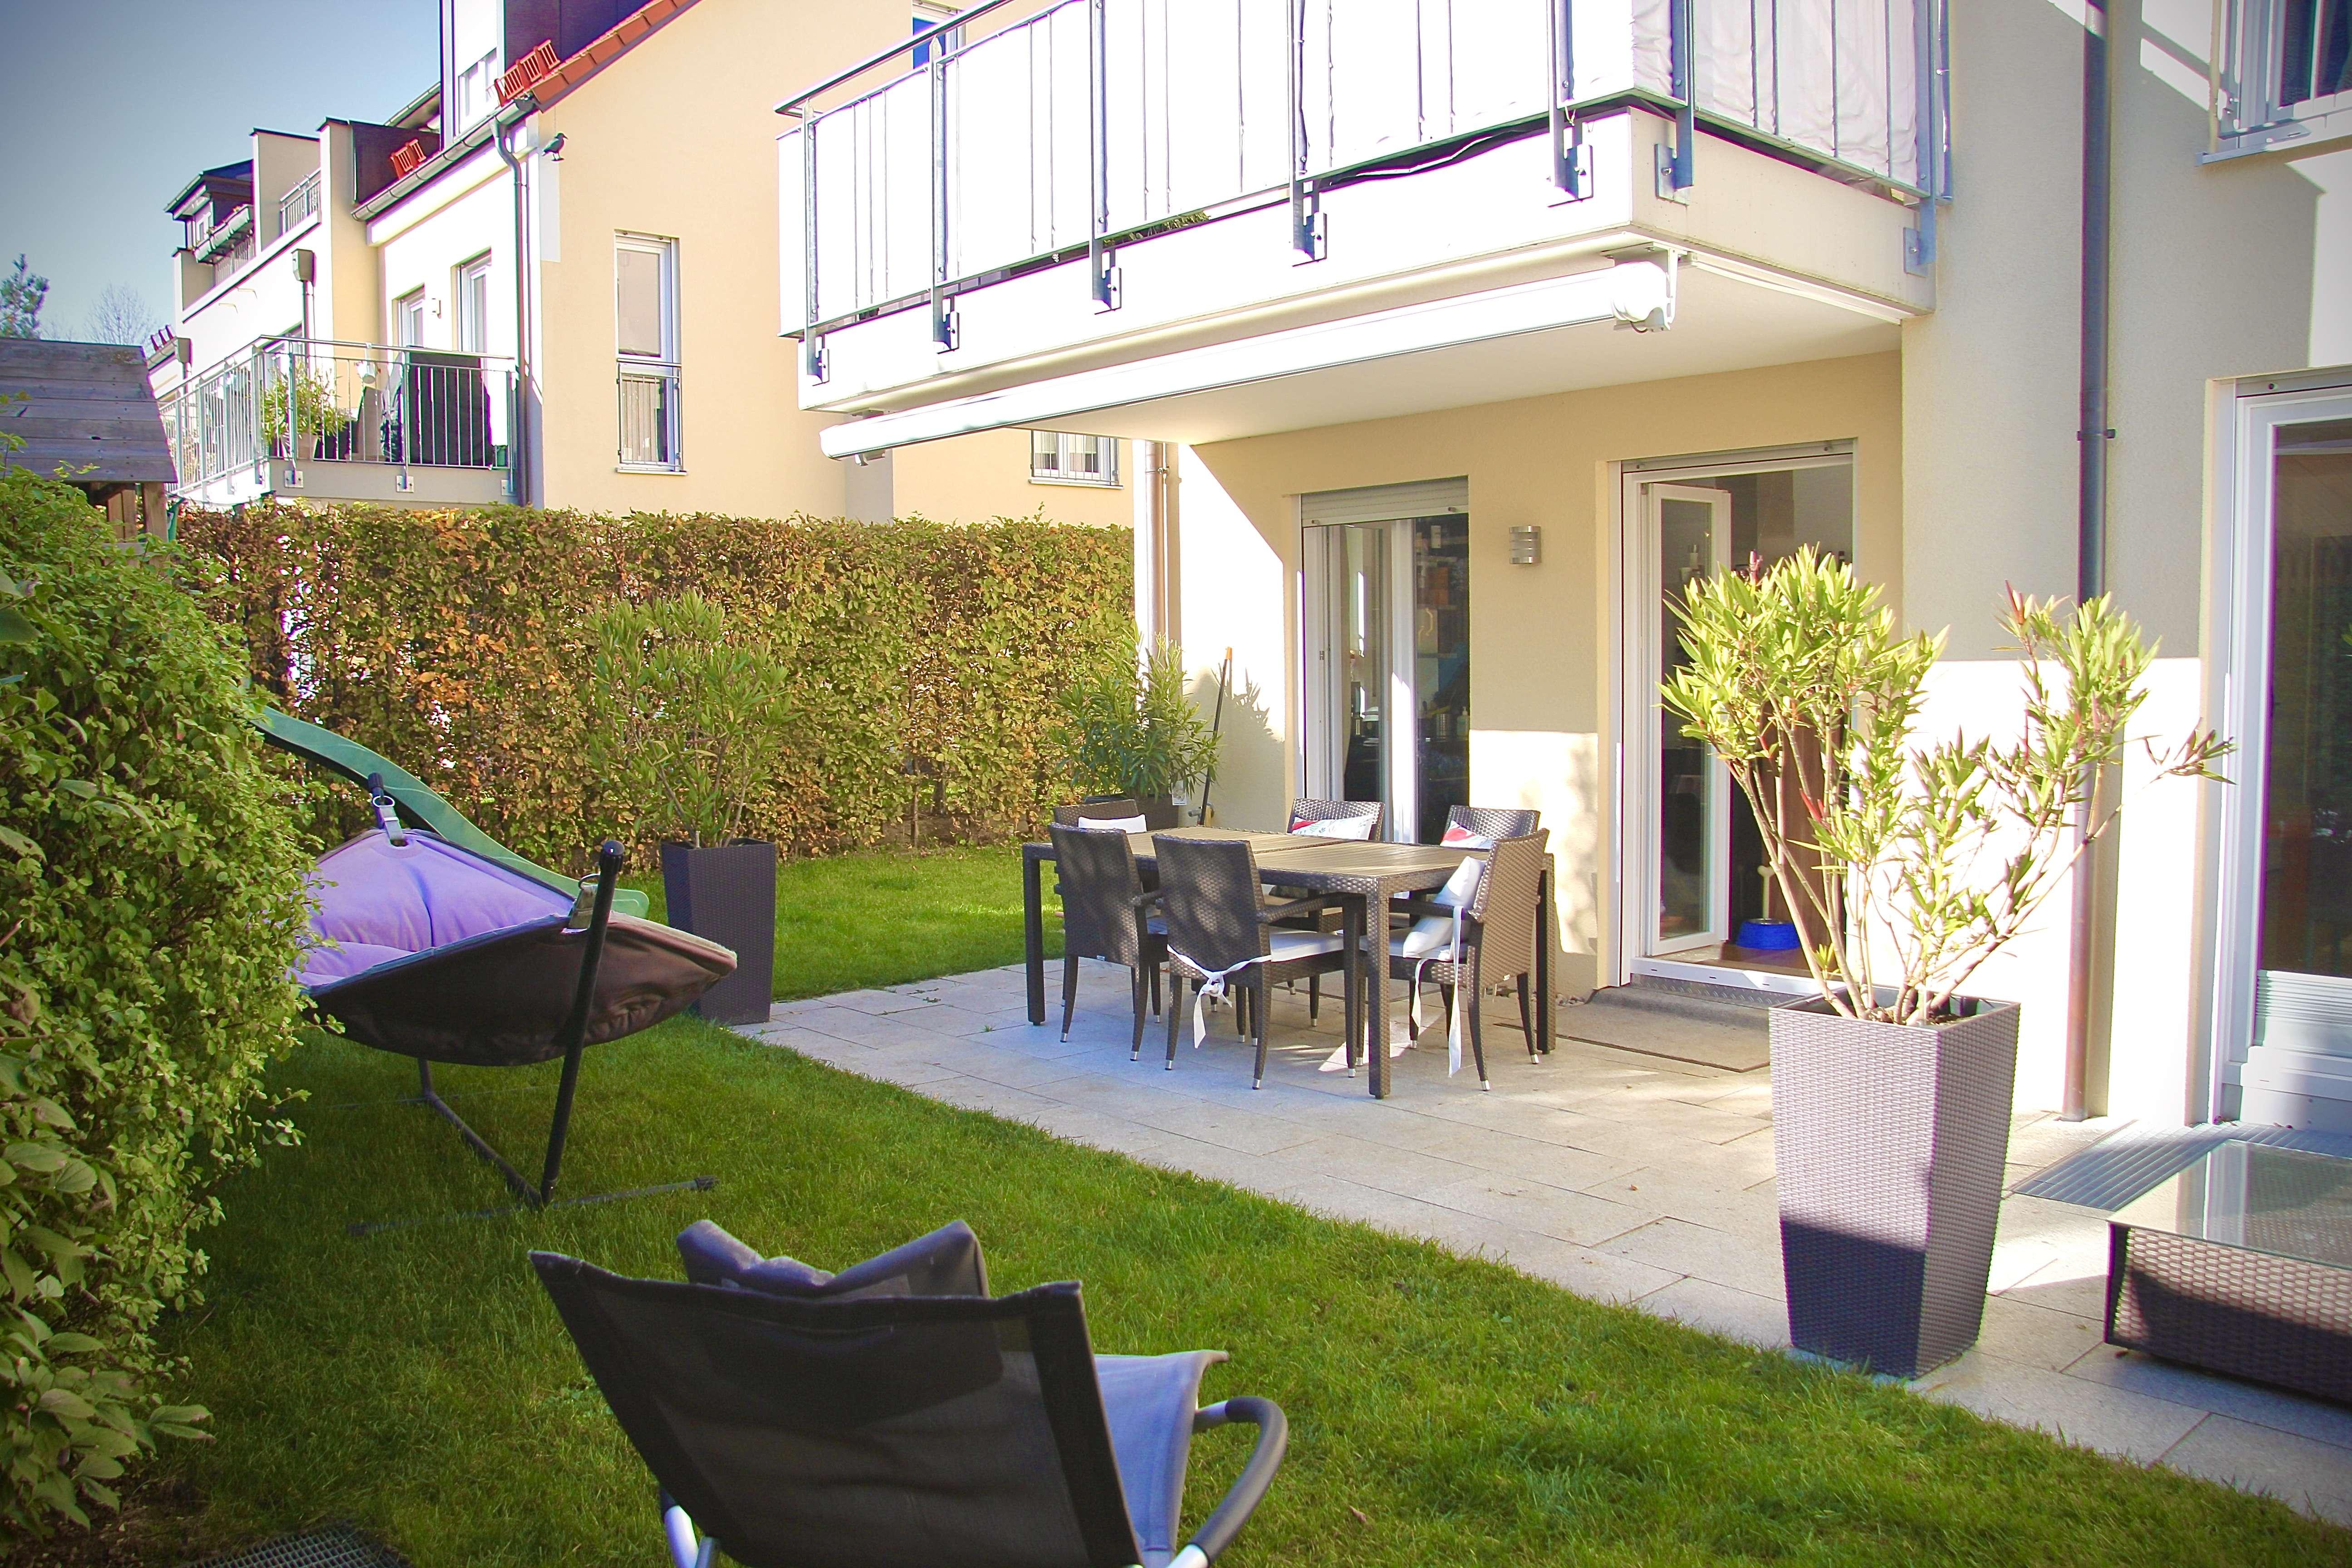 Exklusive 5-Zimmer Wohnung mit Garten in Alt-Solln, München (auch möbliert möglich) in Solln (München)